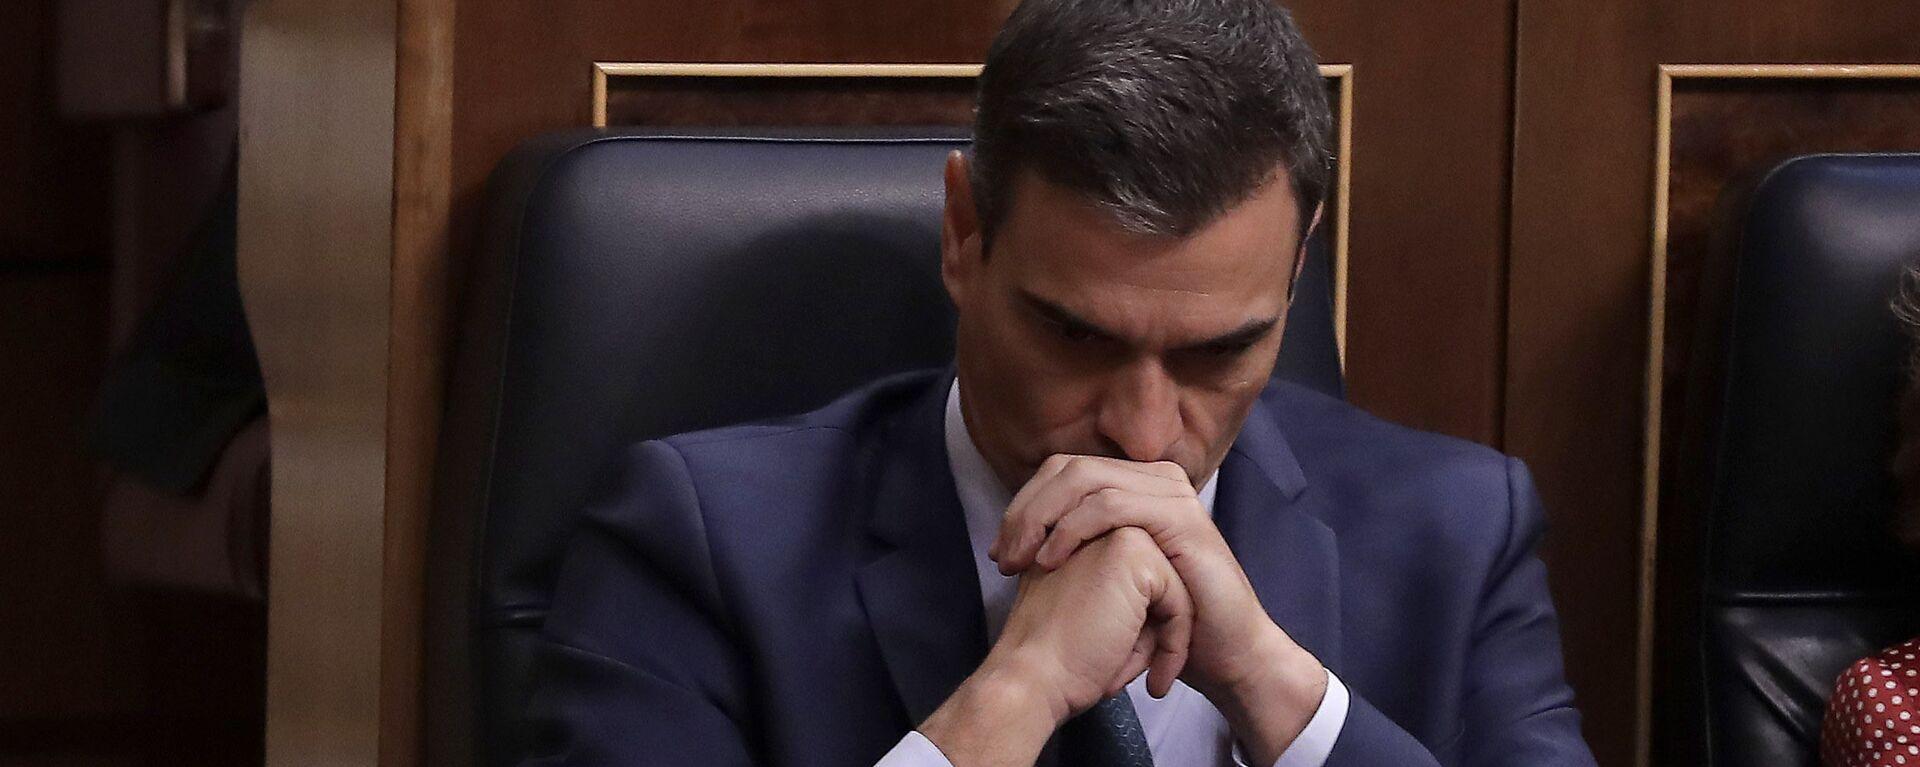 Pedro Sánchez en el Congreso de los Diputados - Sputnik Mundo, 1920, 09.09.2020